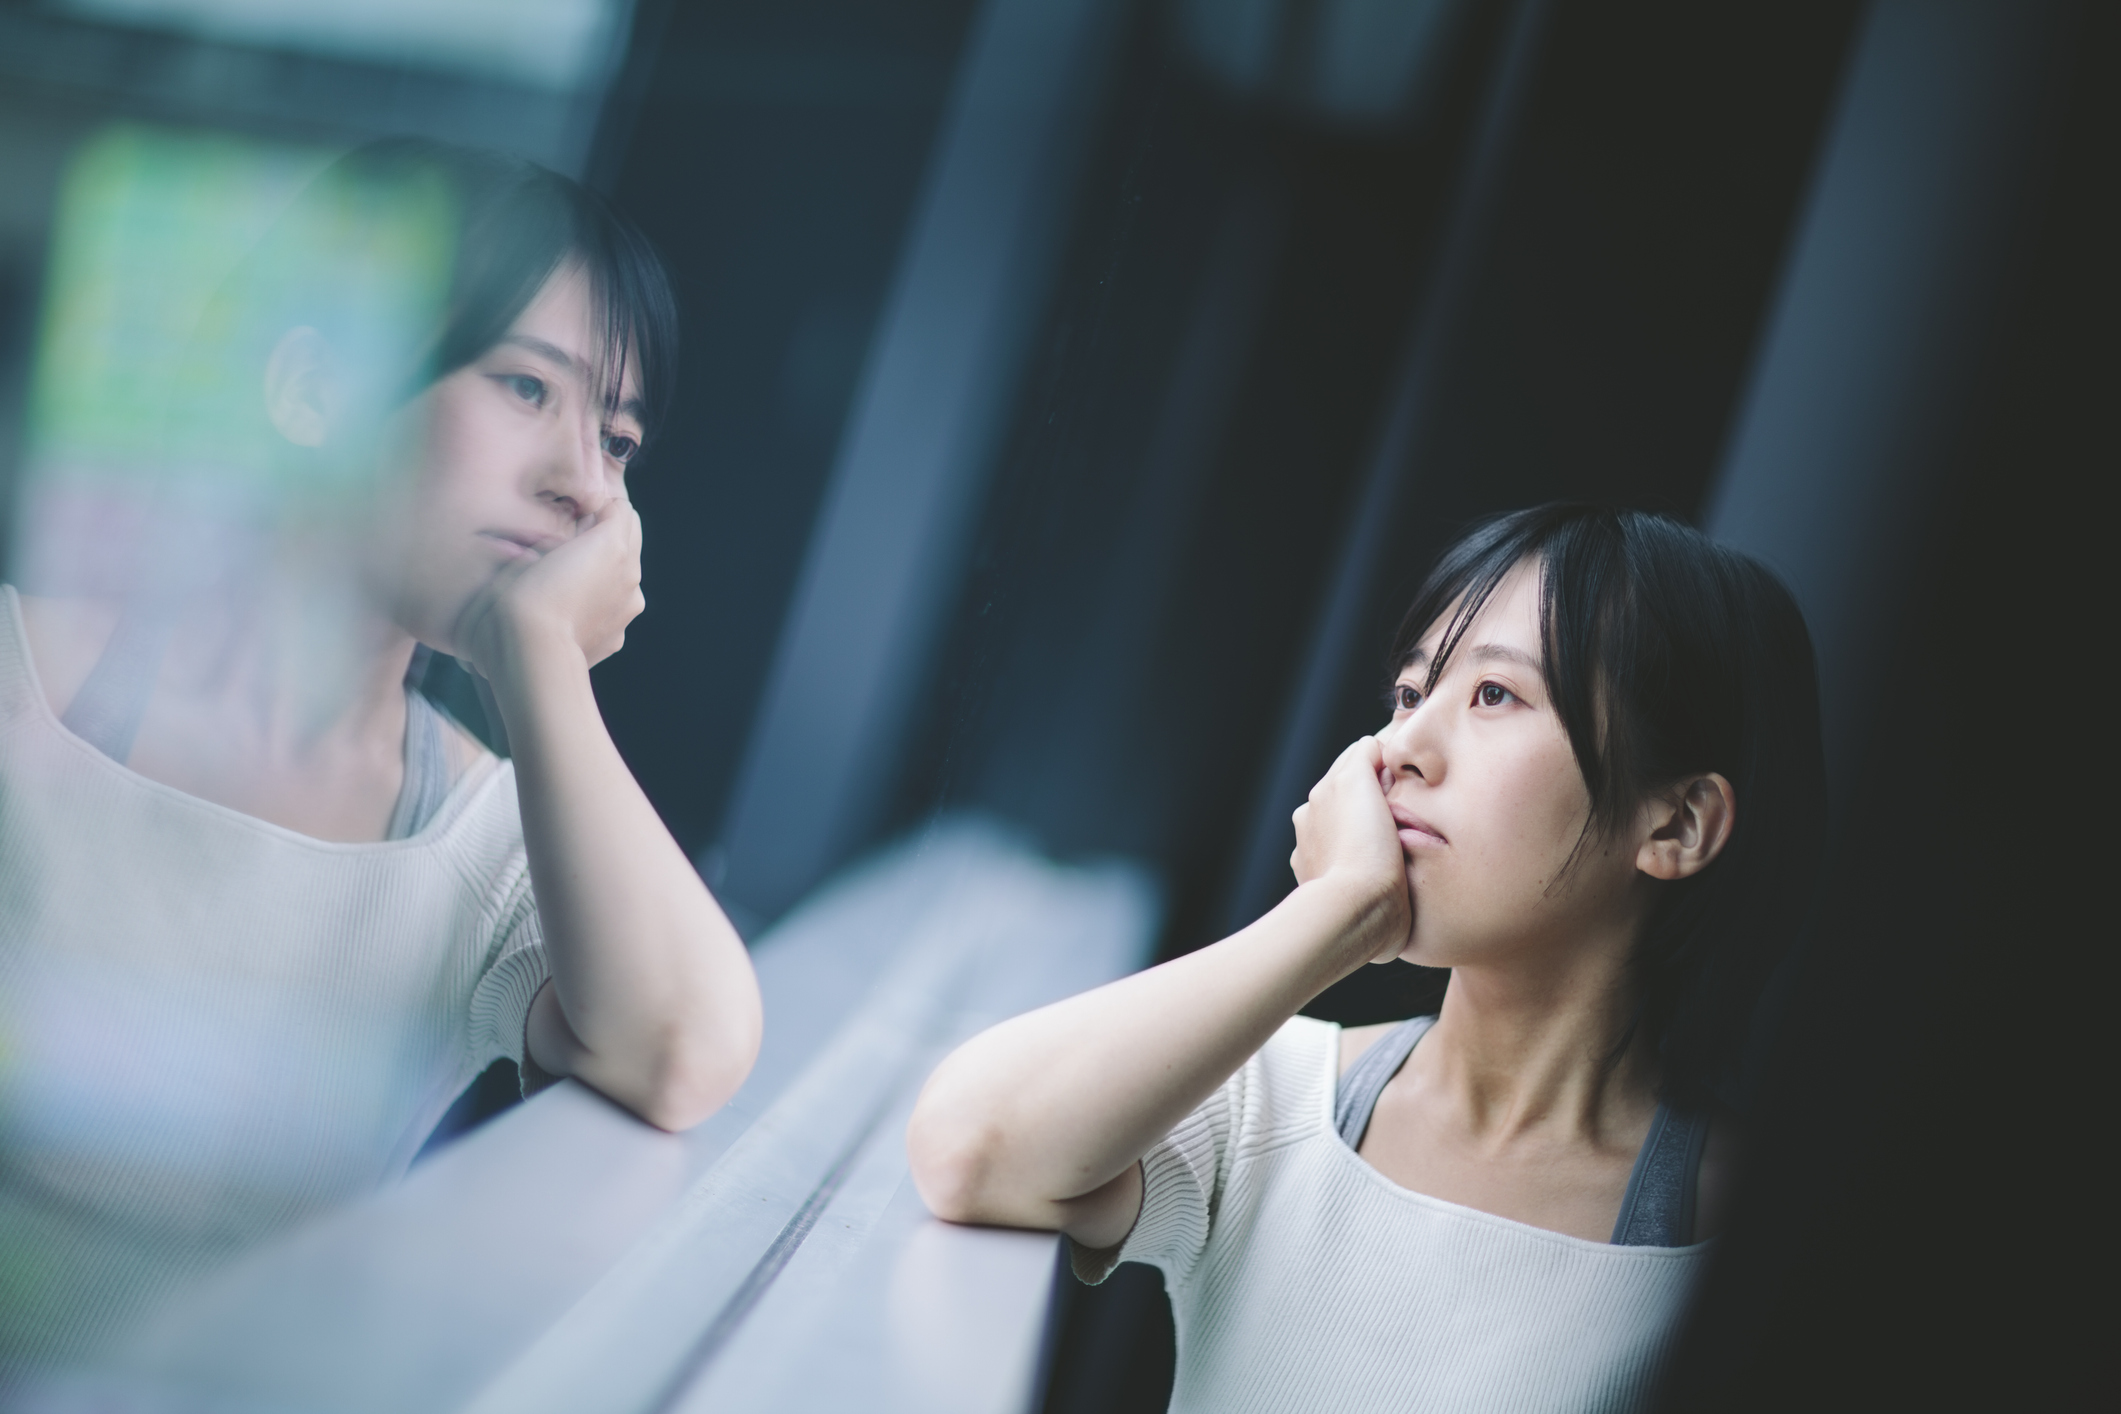 「婚活疲れ」どうして婚活に疲れるのか?